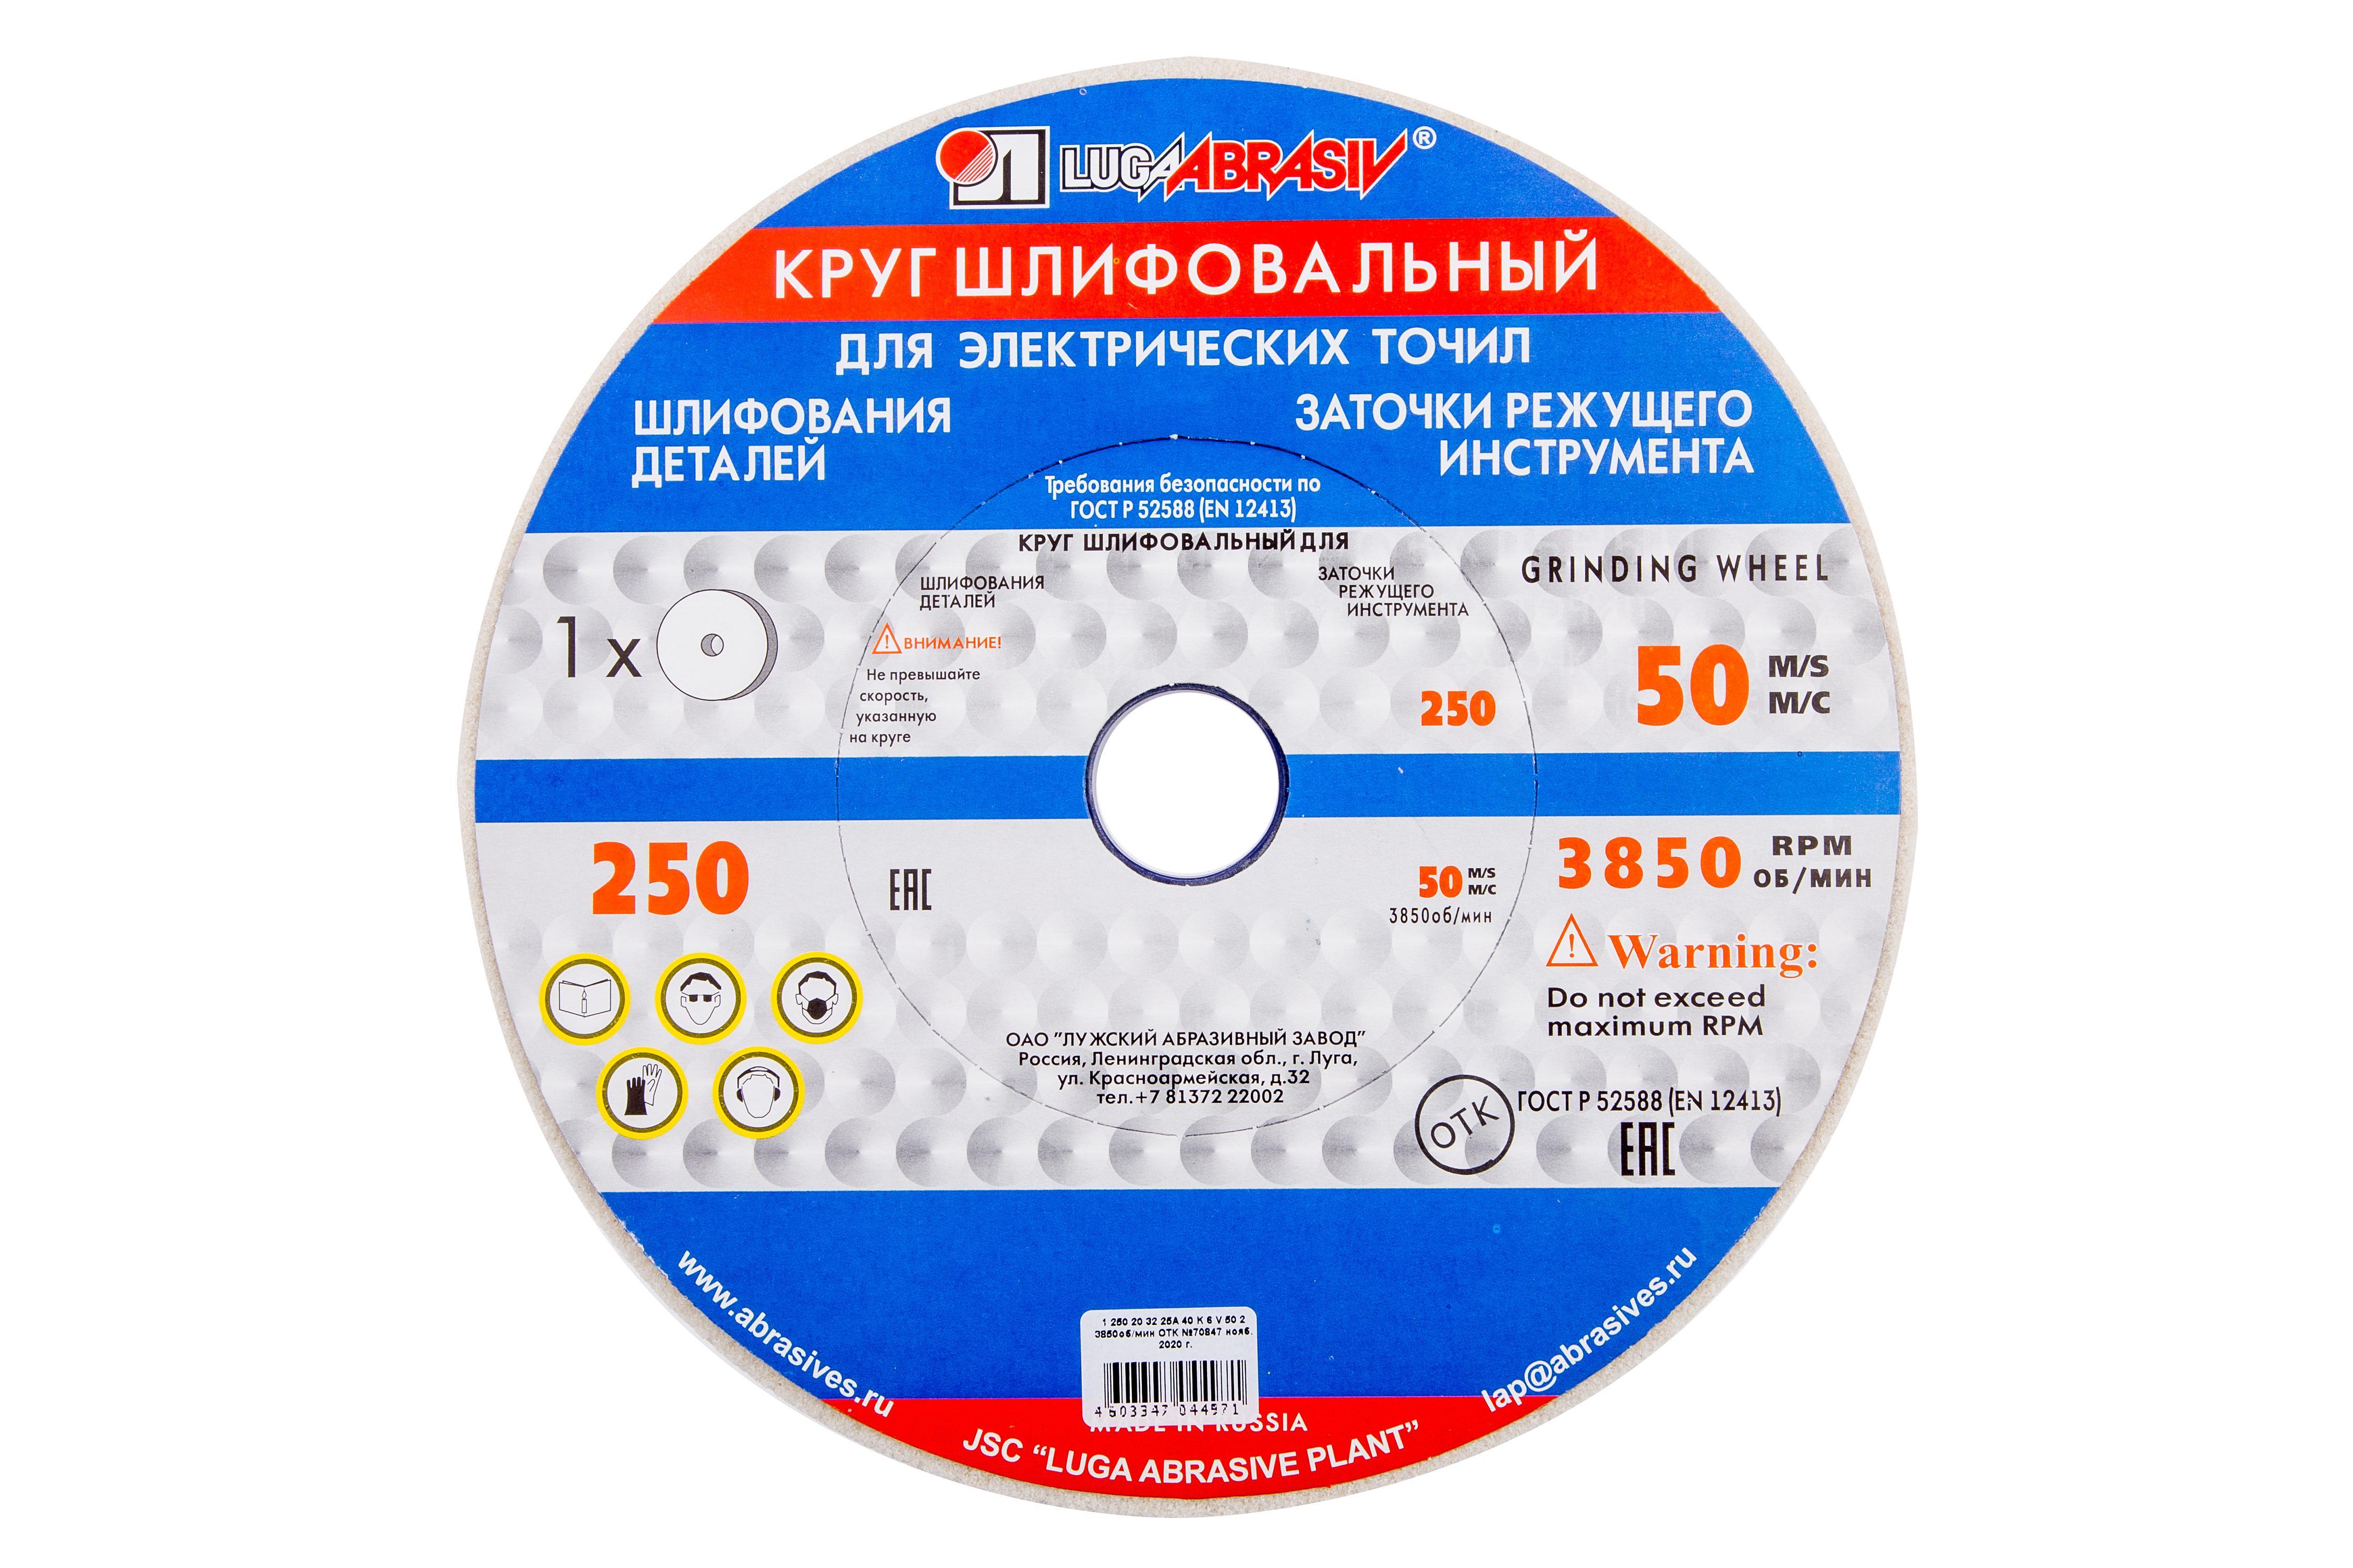 Круг шлифовальный ЛУГА-АБРАЗИВ 1 250 Х 20 Х 32 25А 40 k,l круг шлифовальный луга абразив 1 250 х 20 х 32 25а 40 k l